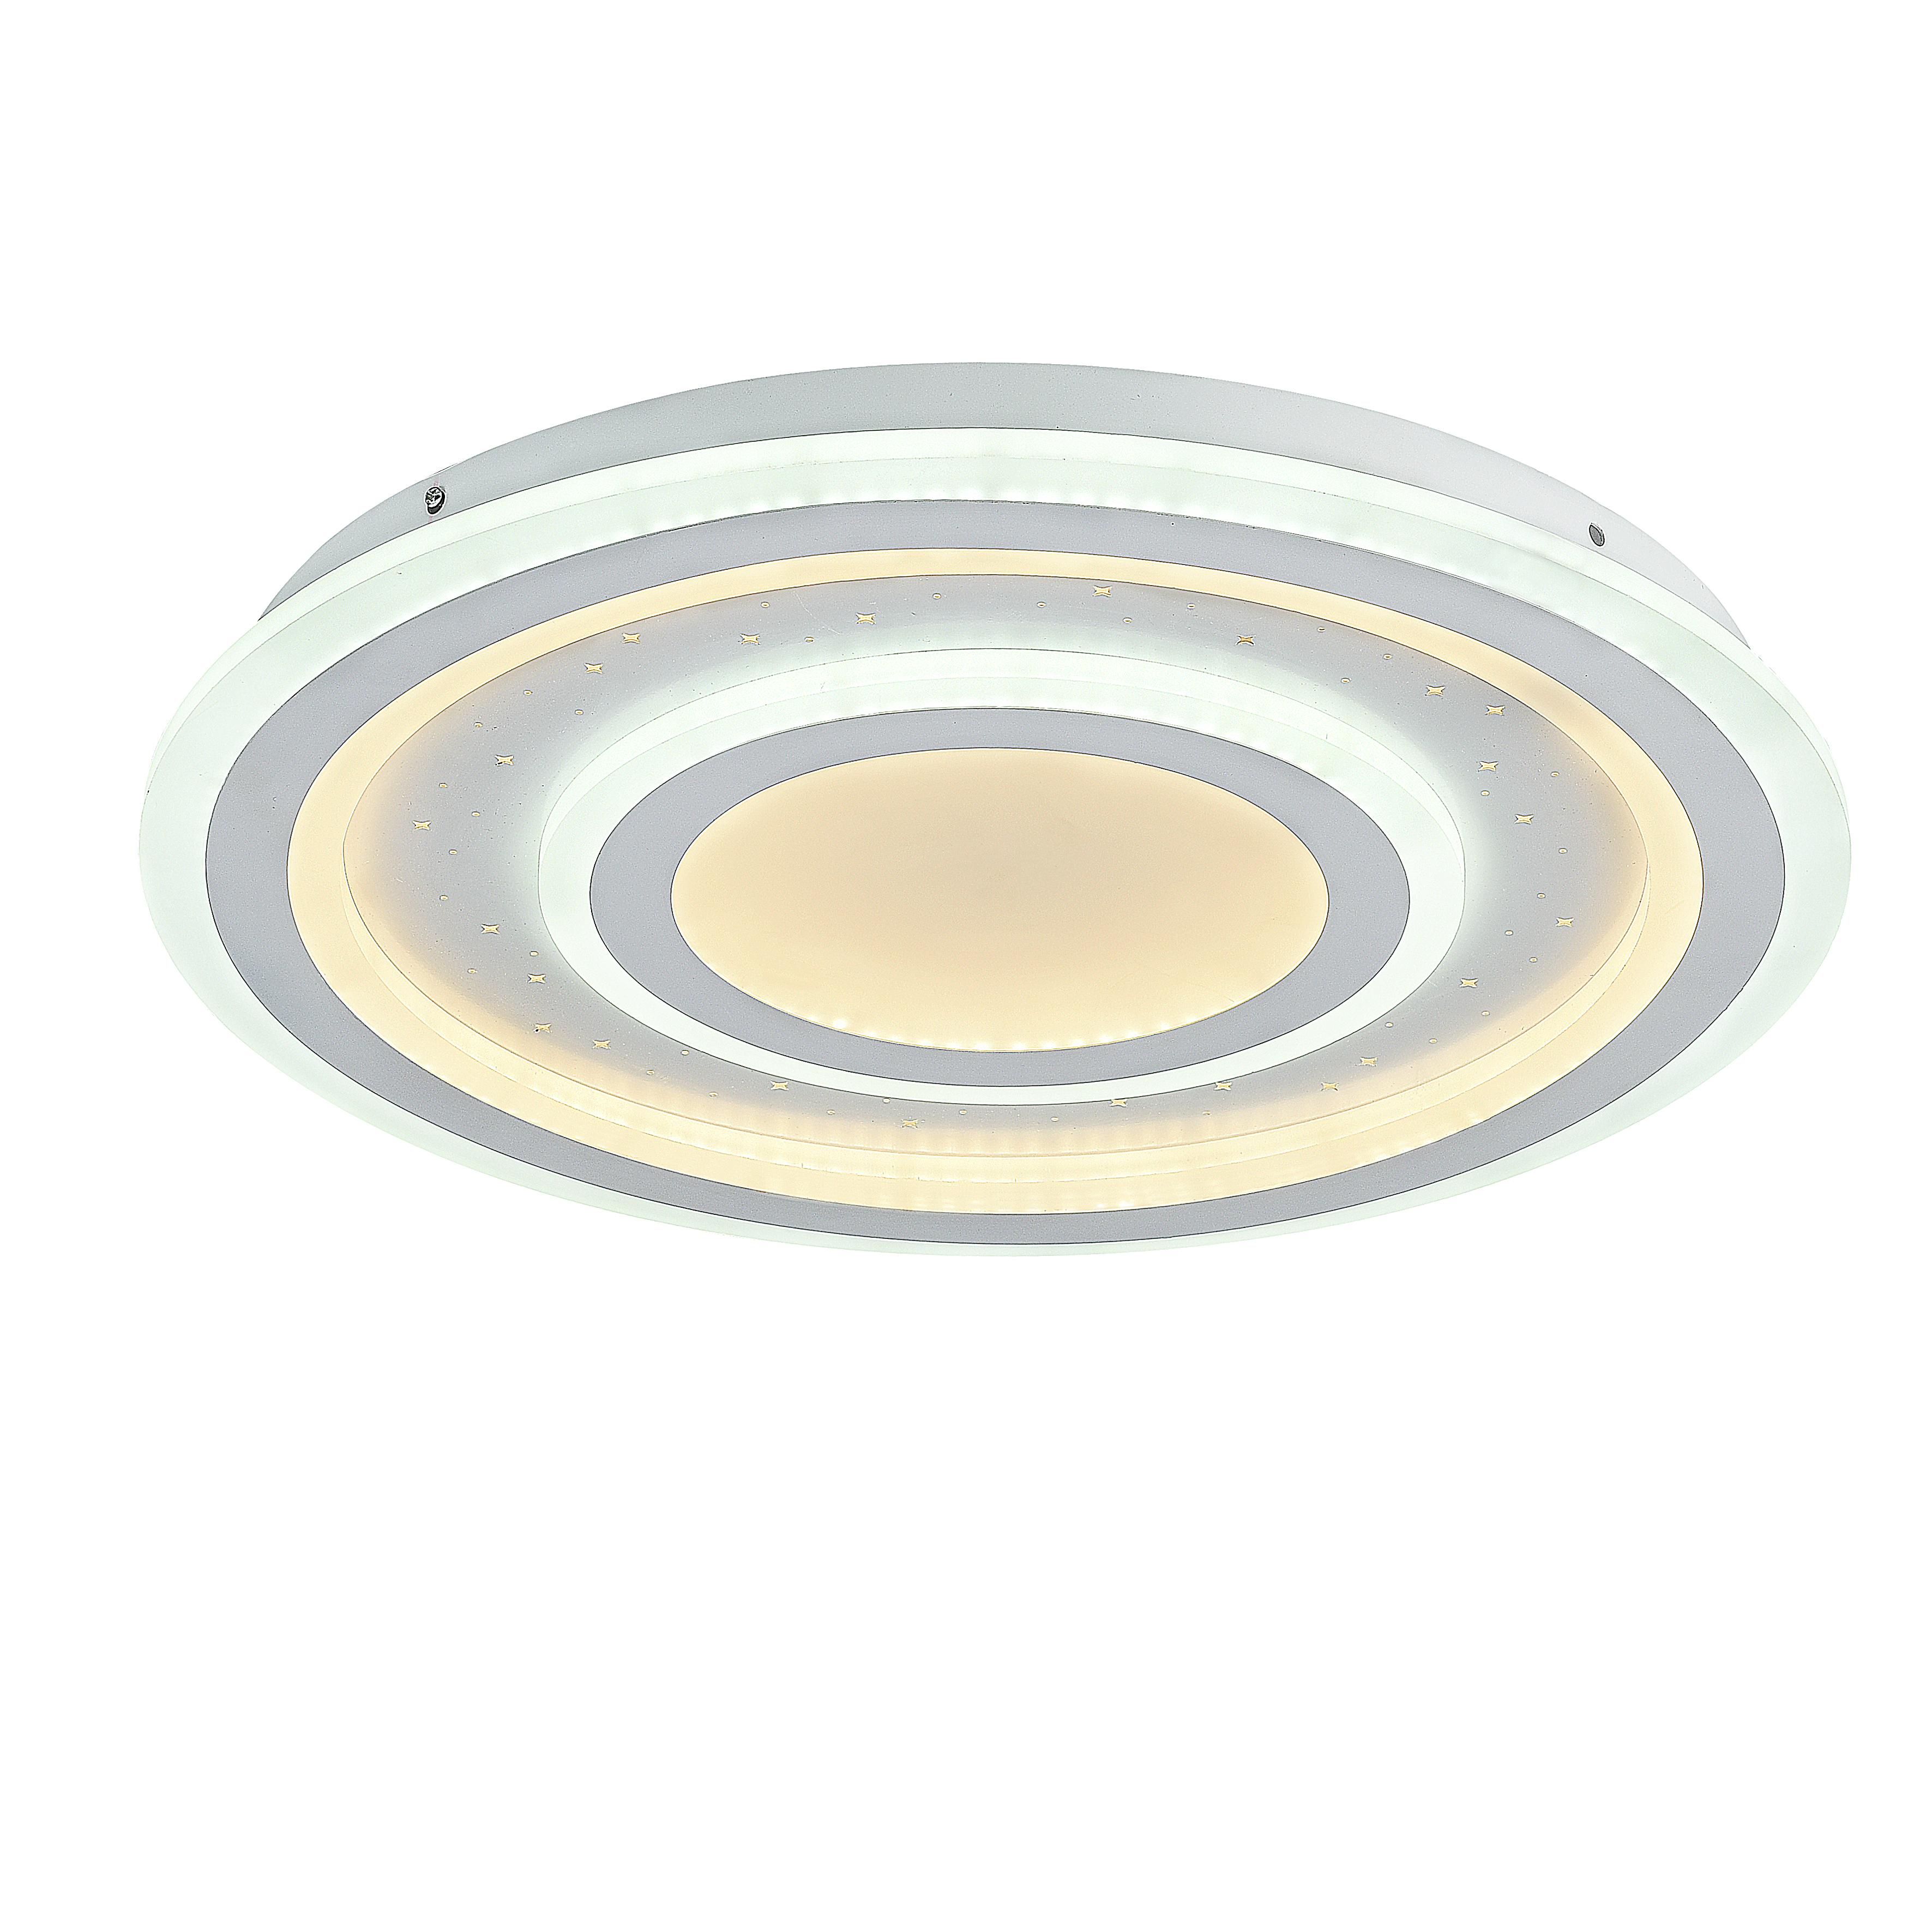 Потолочный светильник с пультом ДУ Favourite F-Promo LEDolution 2272-5C 3000-6400K, белый, металл, пластик - фото 1